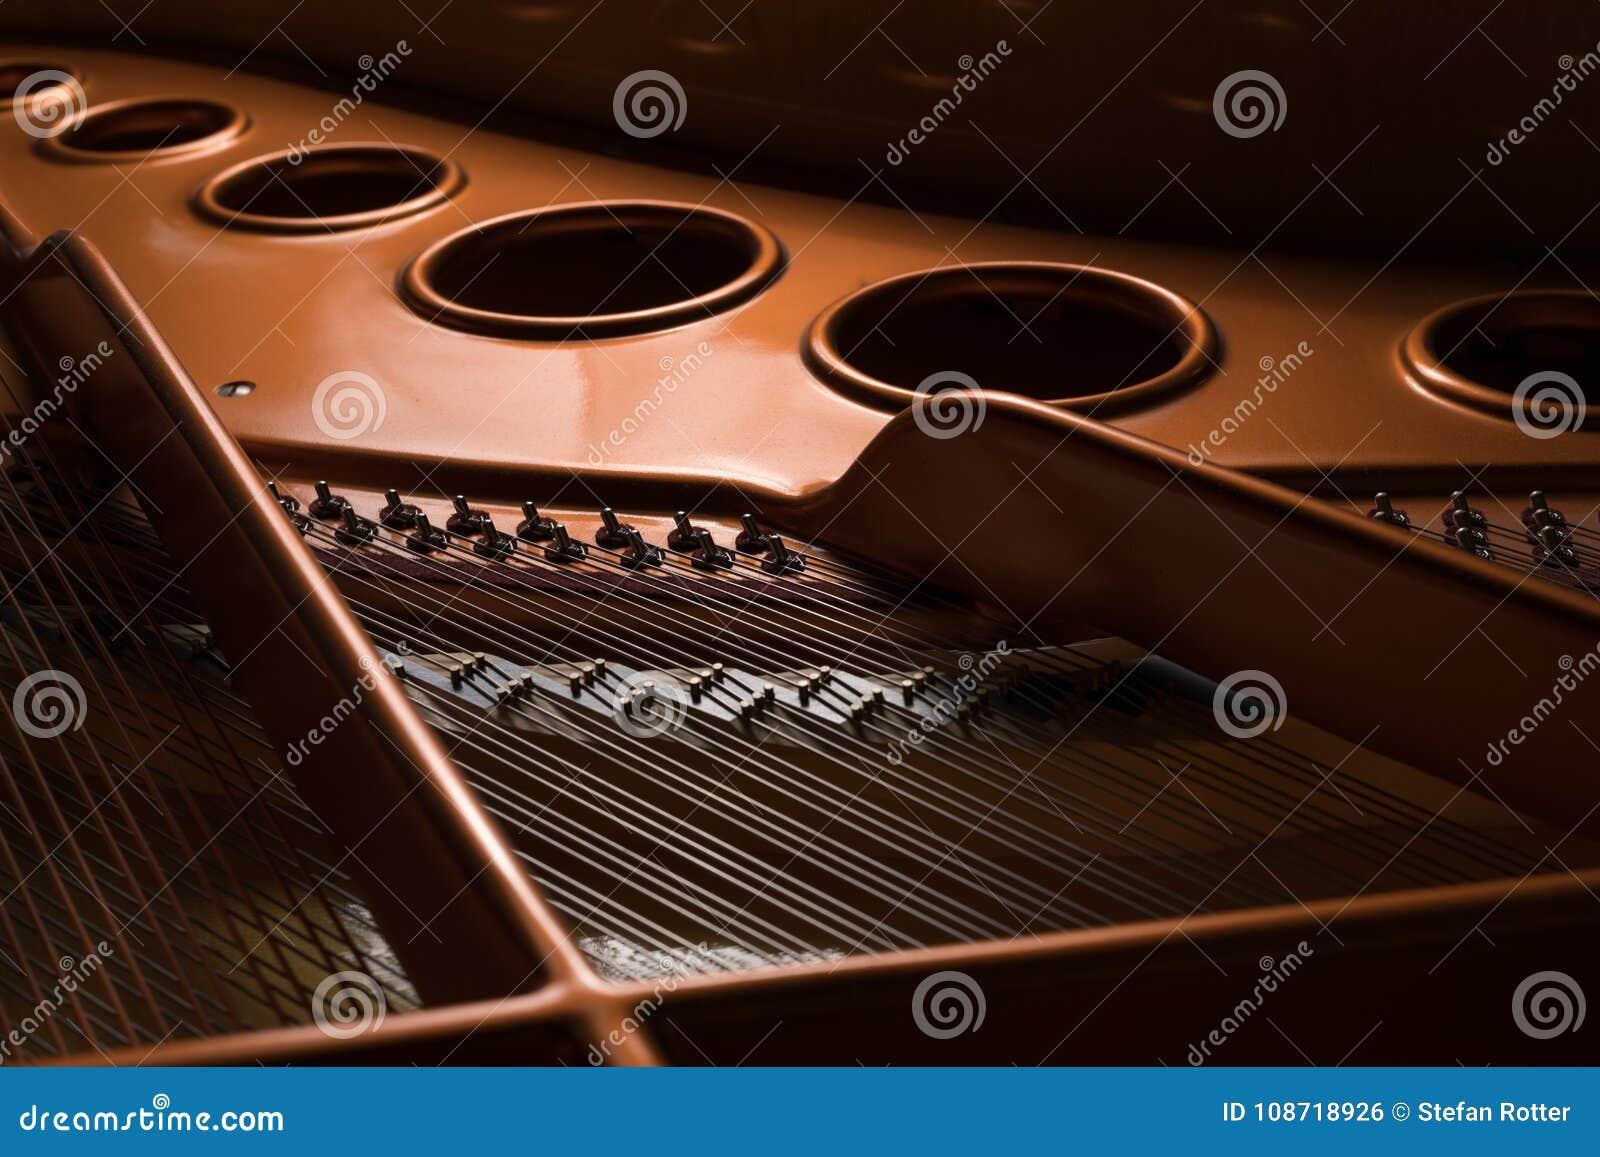 Άποψη λεπτομέρειας του εσωτερικού ενός μεγάλου πιάνου